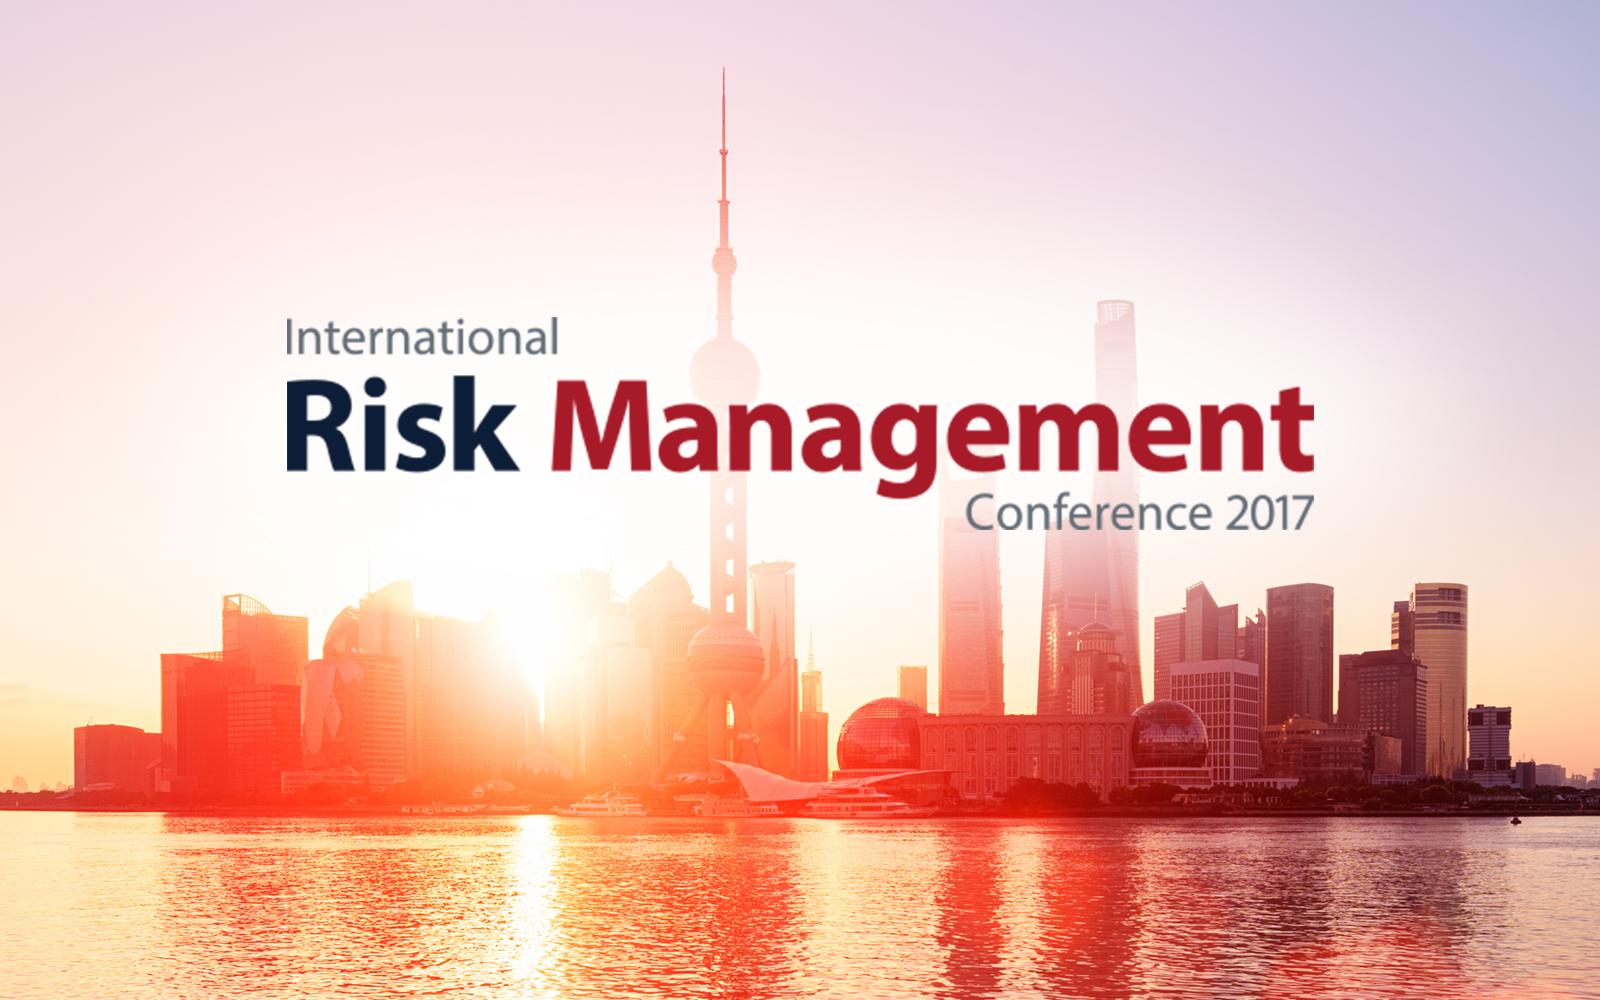 International Risk Management Conference 2017